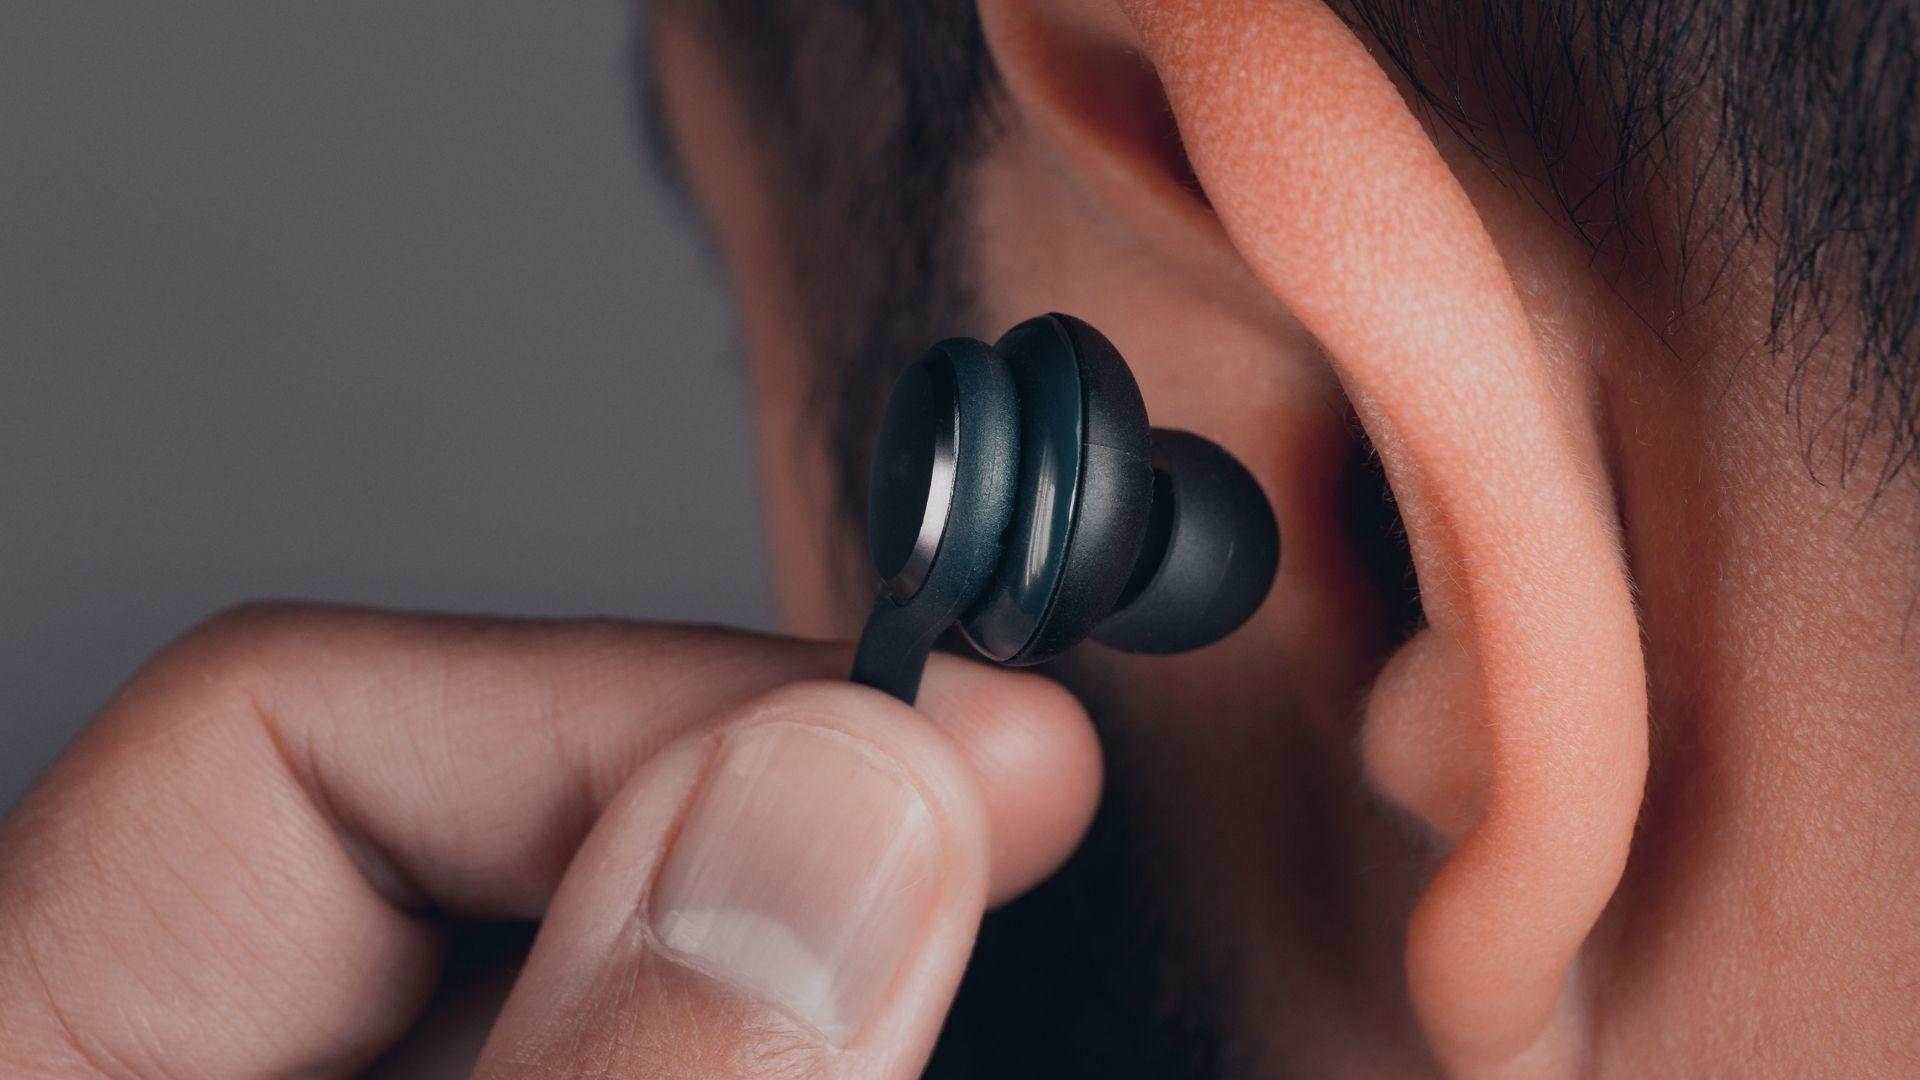 Fone intra-auricular é uma boa opção para isolar ruídos (Foto: Shutterstock)